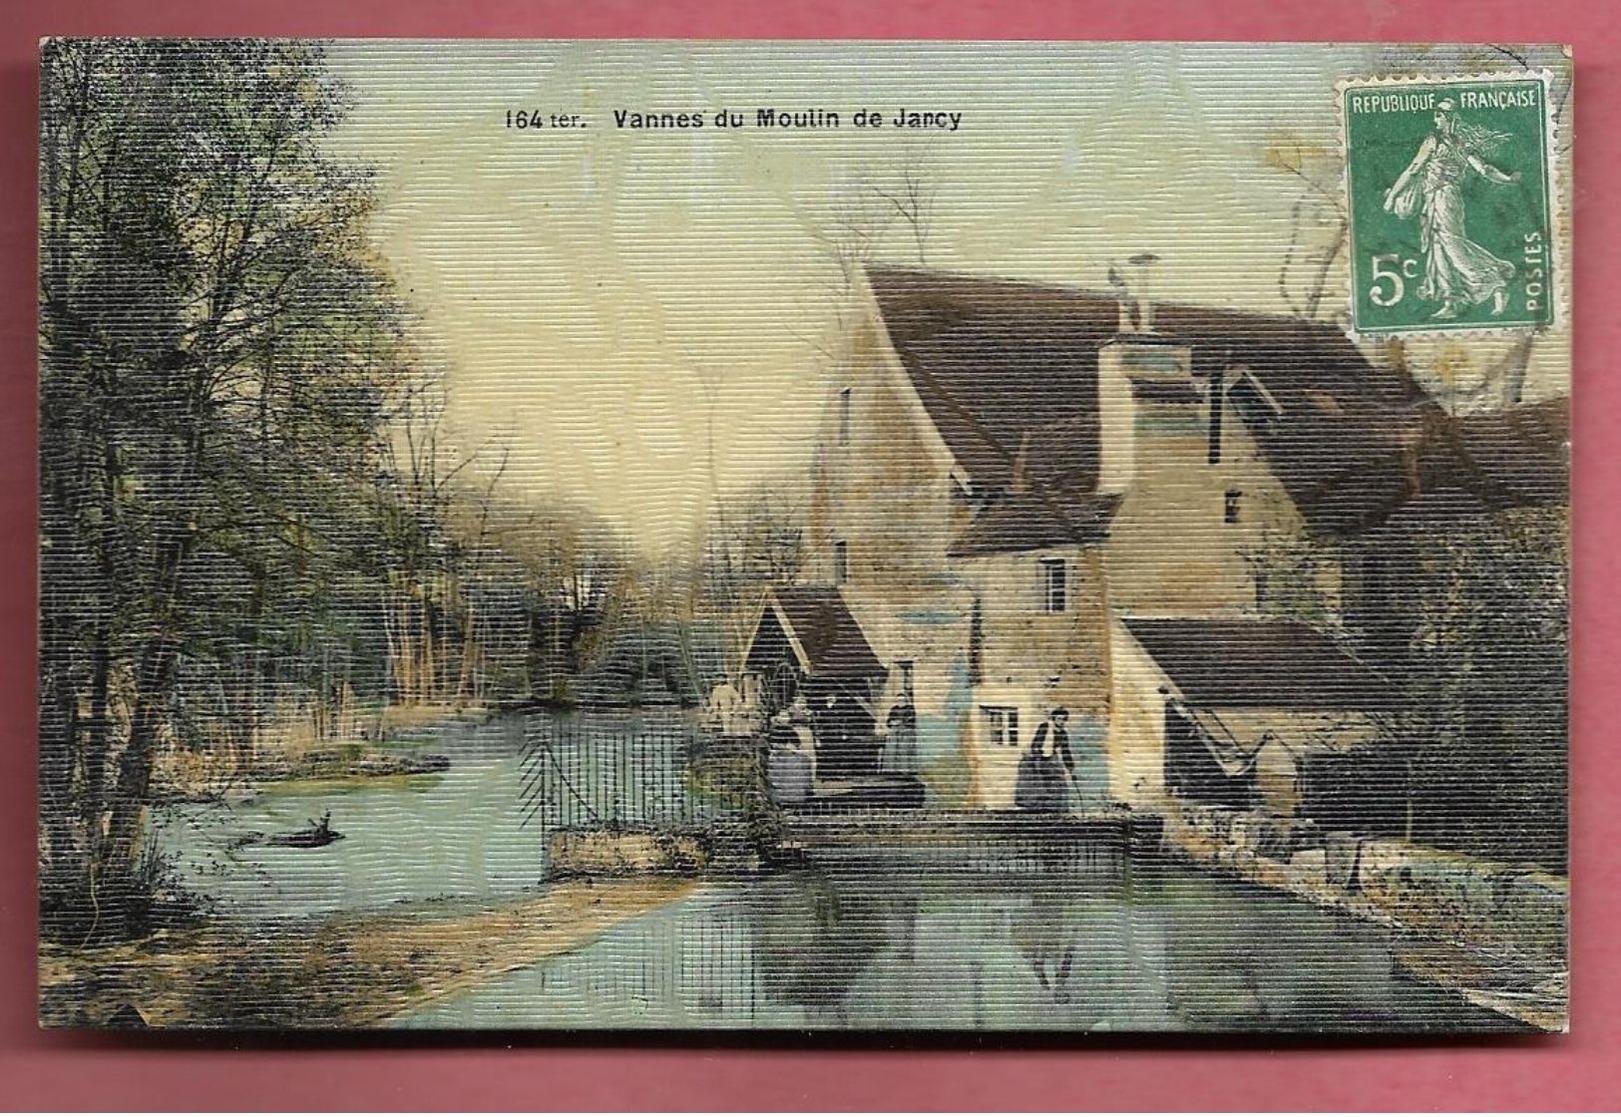 JARCY - Vannes Du Moulin - CPA Toilée Et Colorisée - Frankrijk